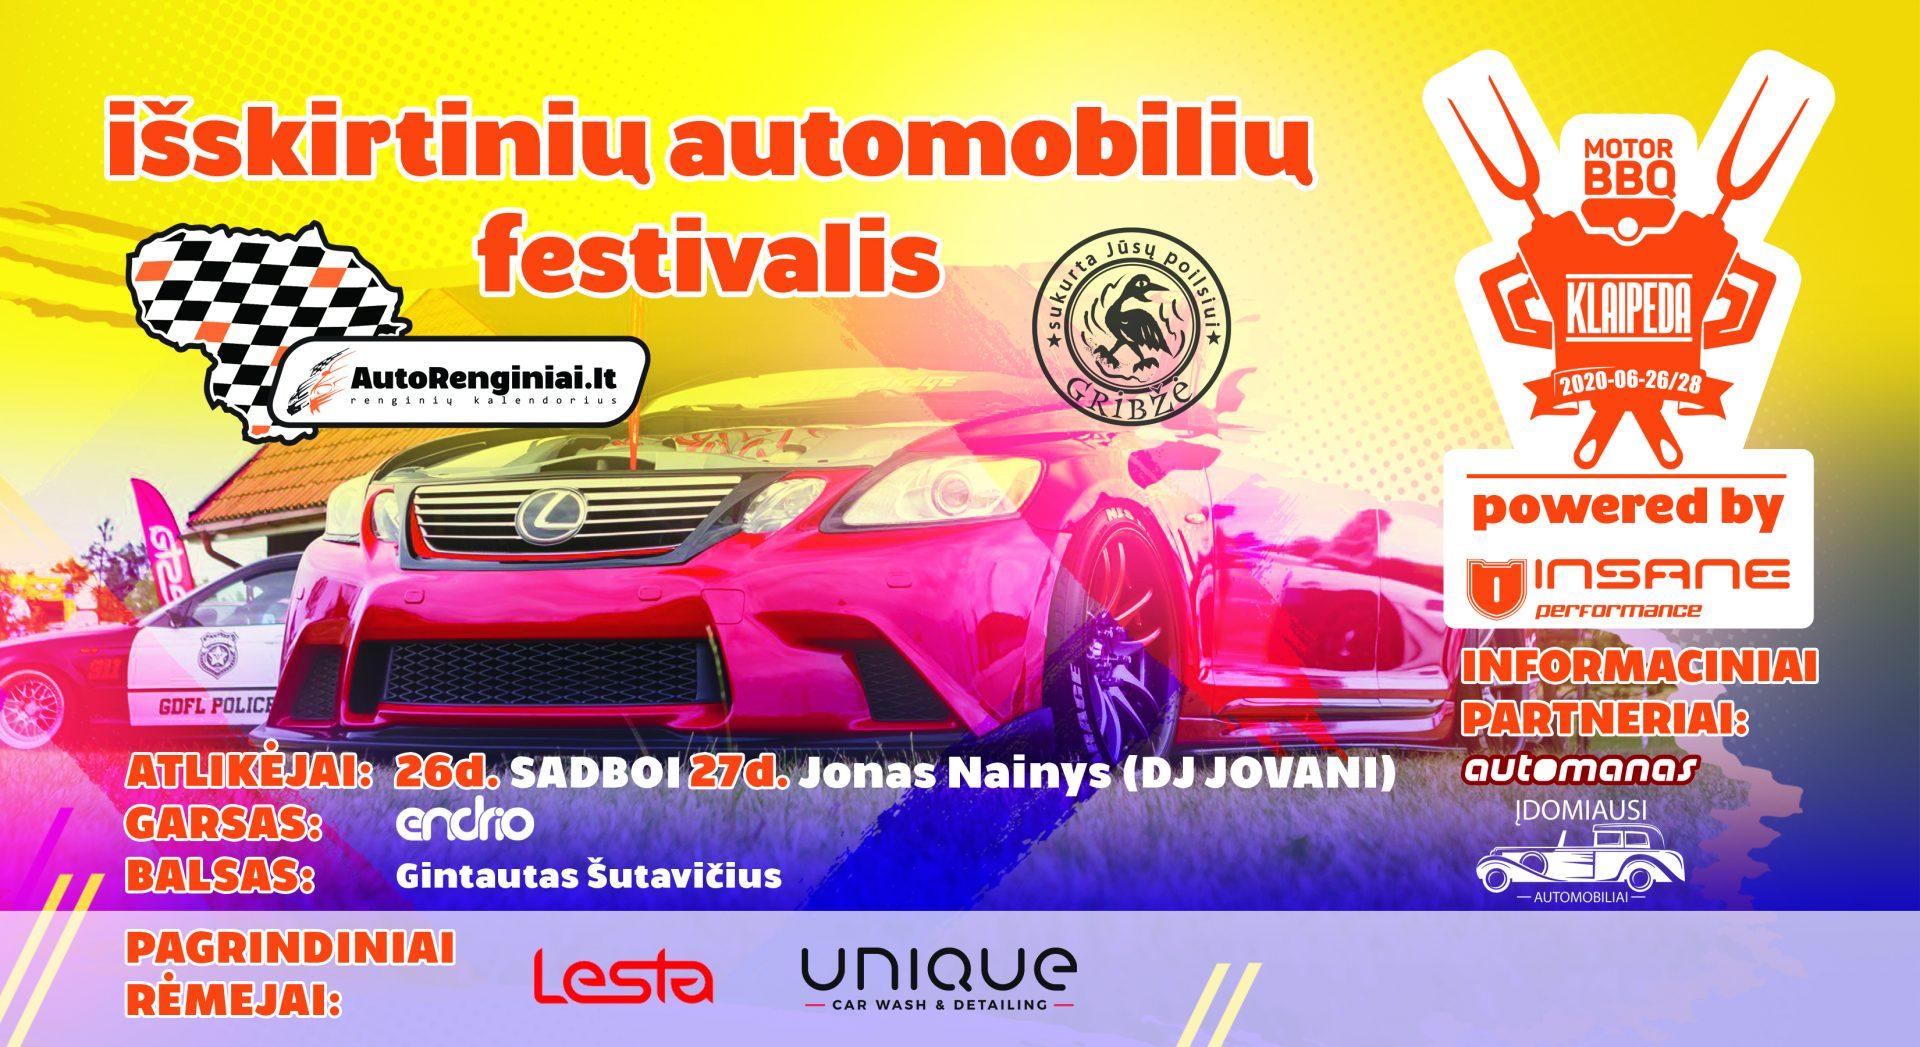 Išskirtinių automobilių festivalis - Klaipėda Motor BBQ 2020 powered by Insane Performance